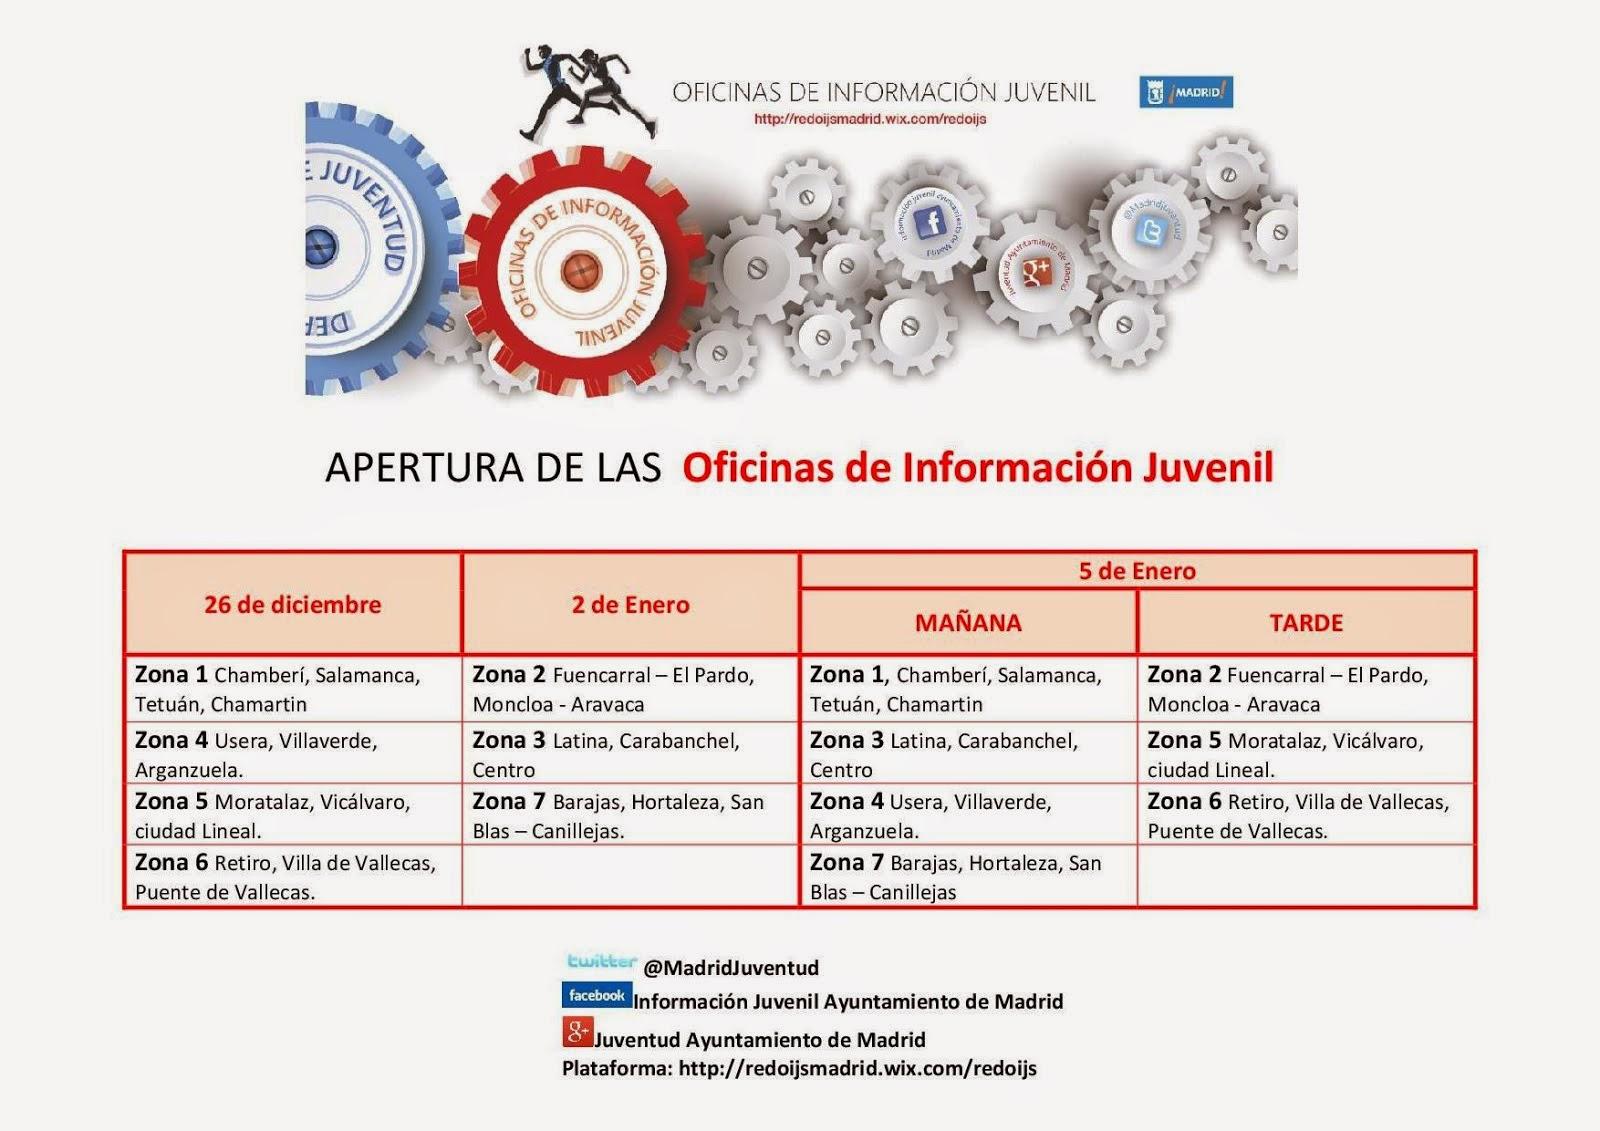 APERTURA DE LAS OFICINAS DE INFORMACIÓN JUVENIL